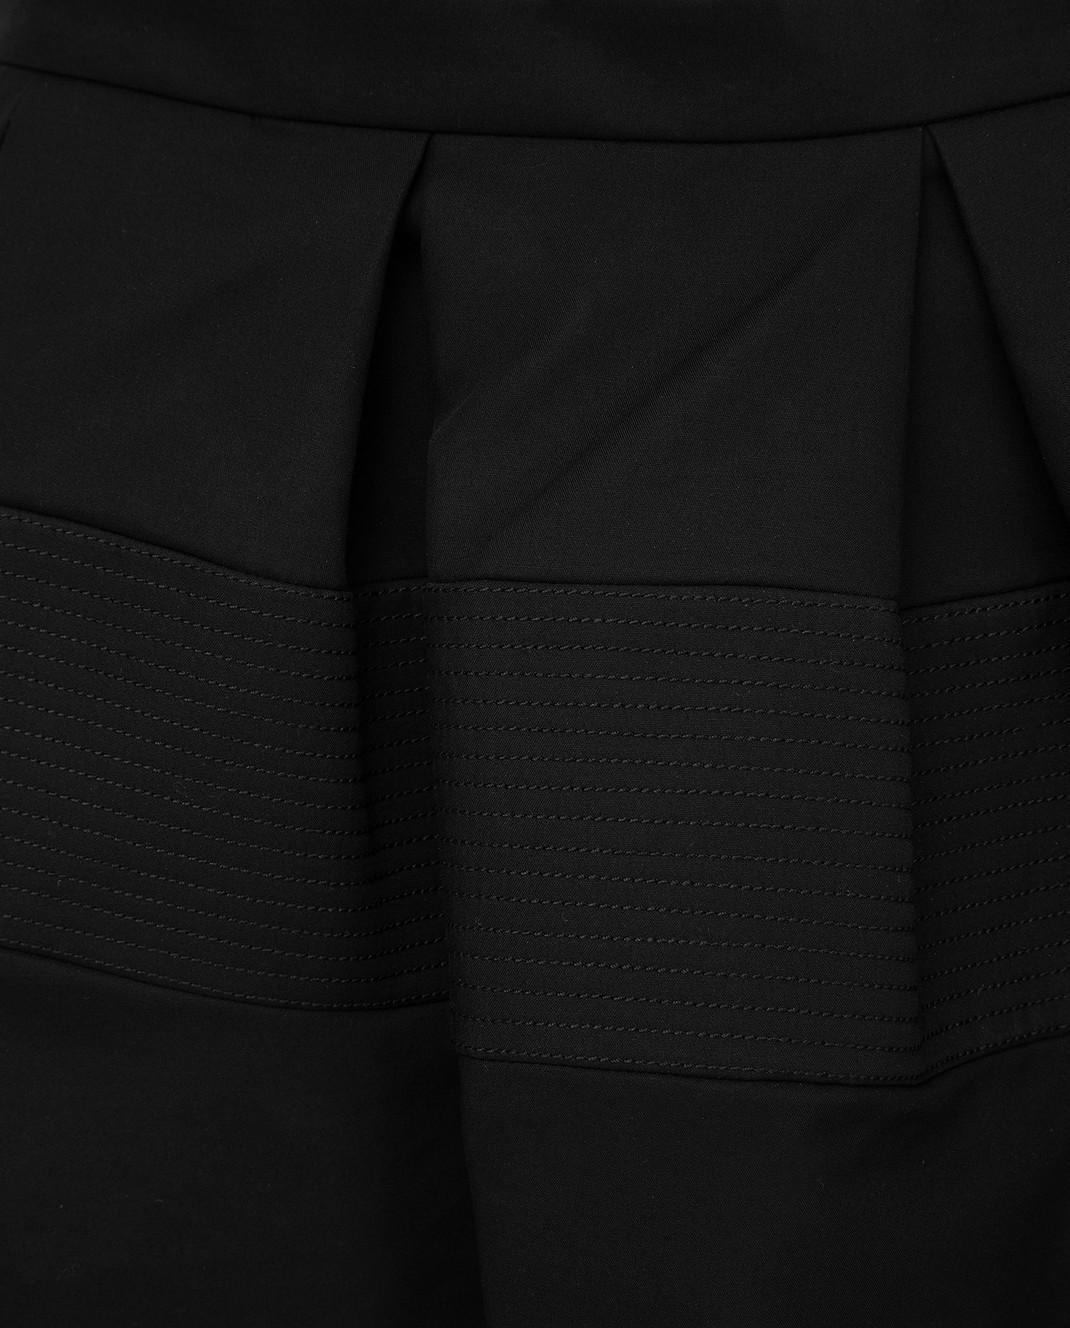 Balenciaga Черная юбка 413384 изображение 5